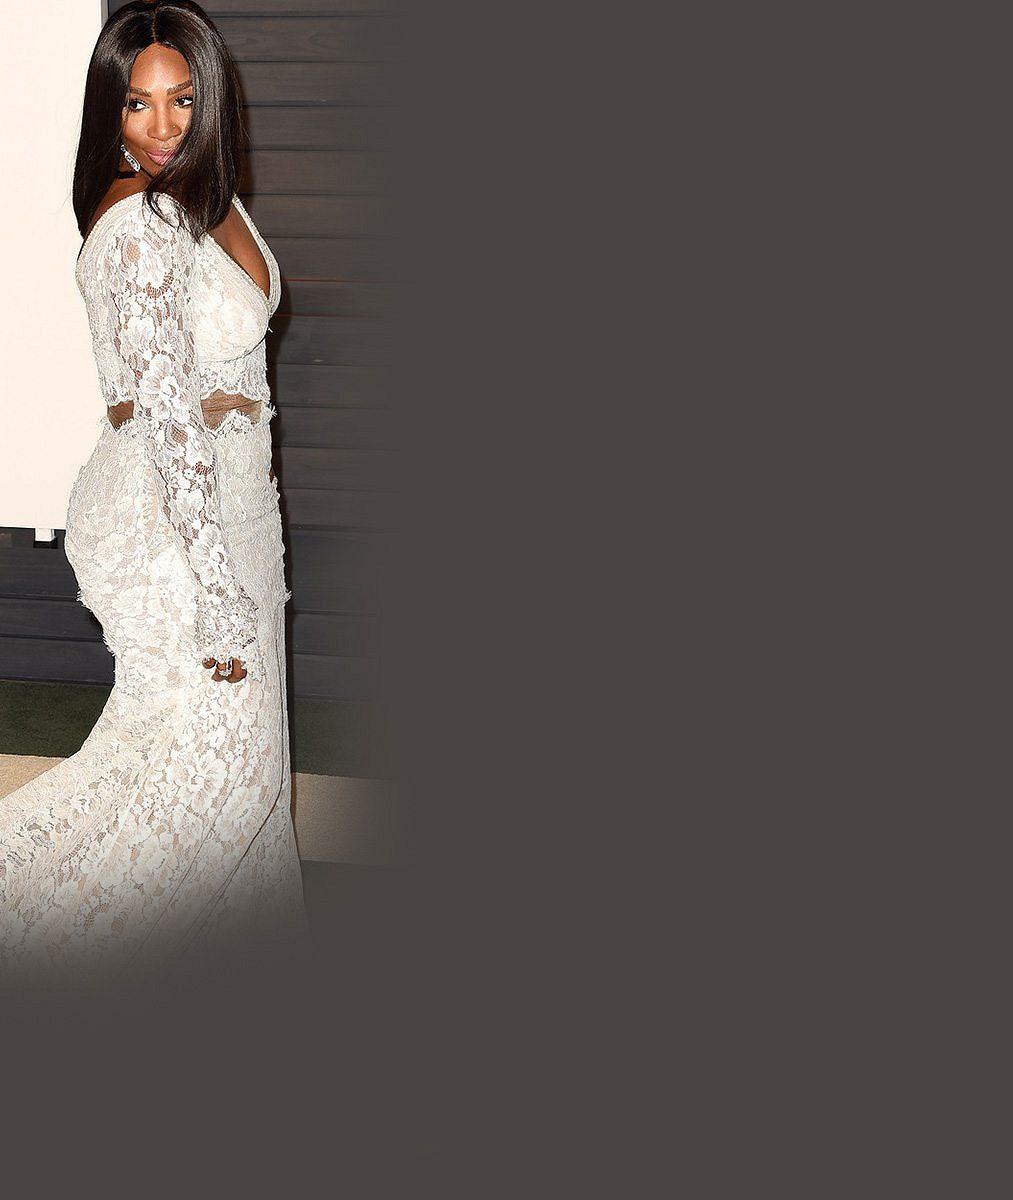 Svalnatá Serena Williams přišla na oscarovou párty v šatech pro odvážnou nevěstu